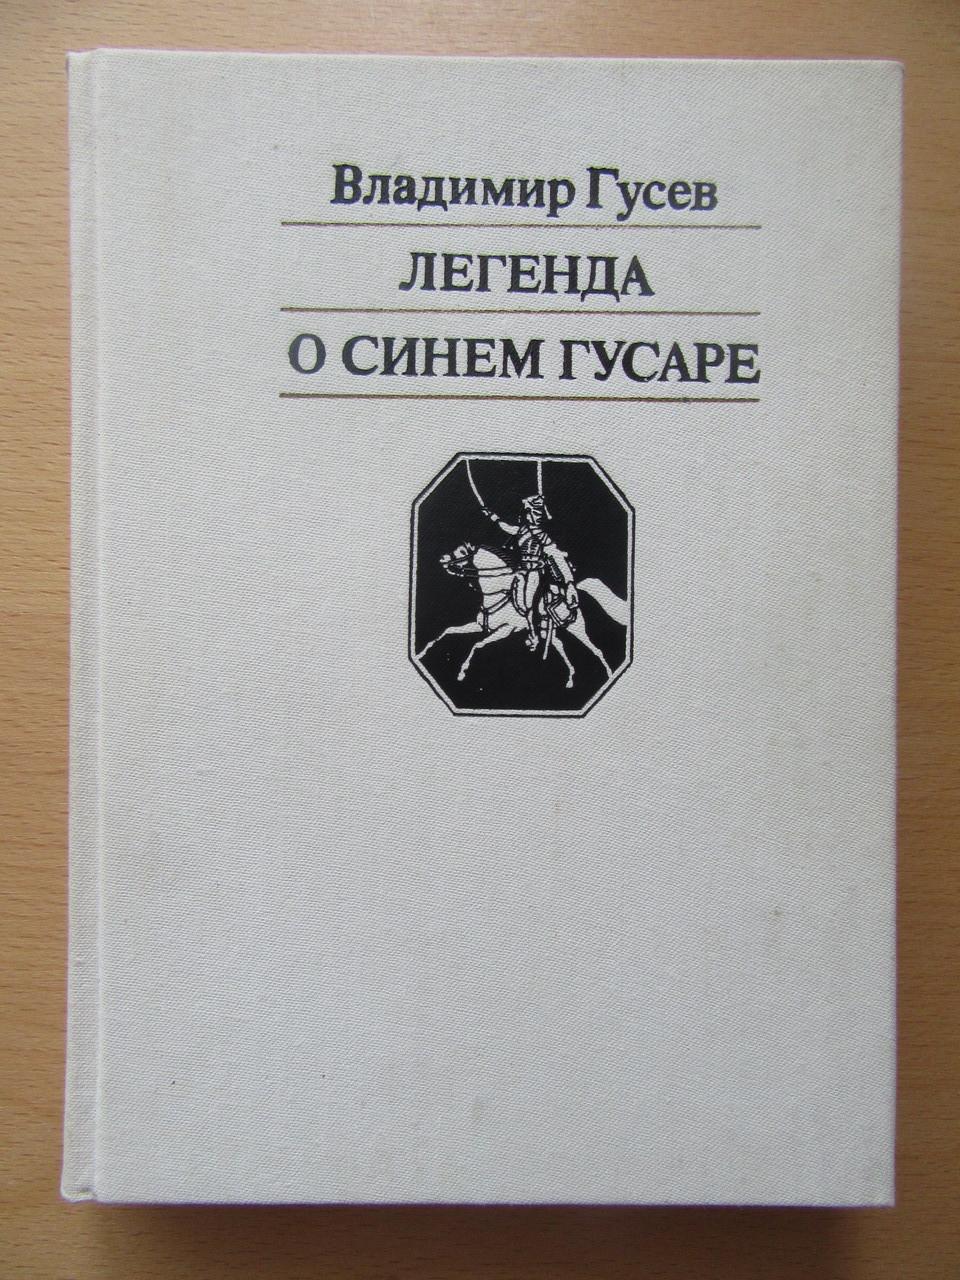 Владимир Гусев. Легенда о синем гусаре (о декабристе М.С.Лунине)